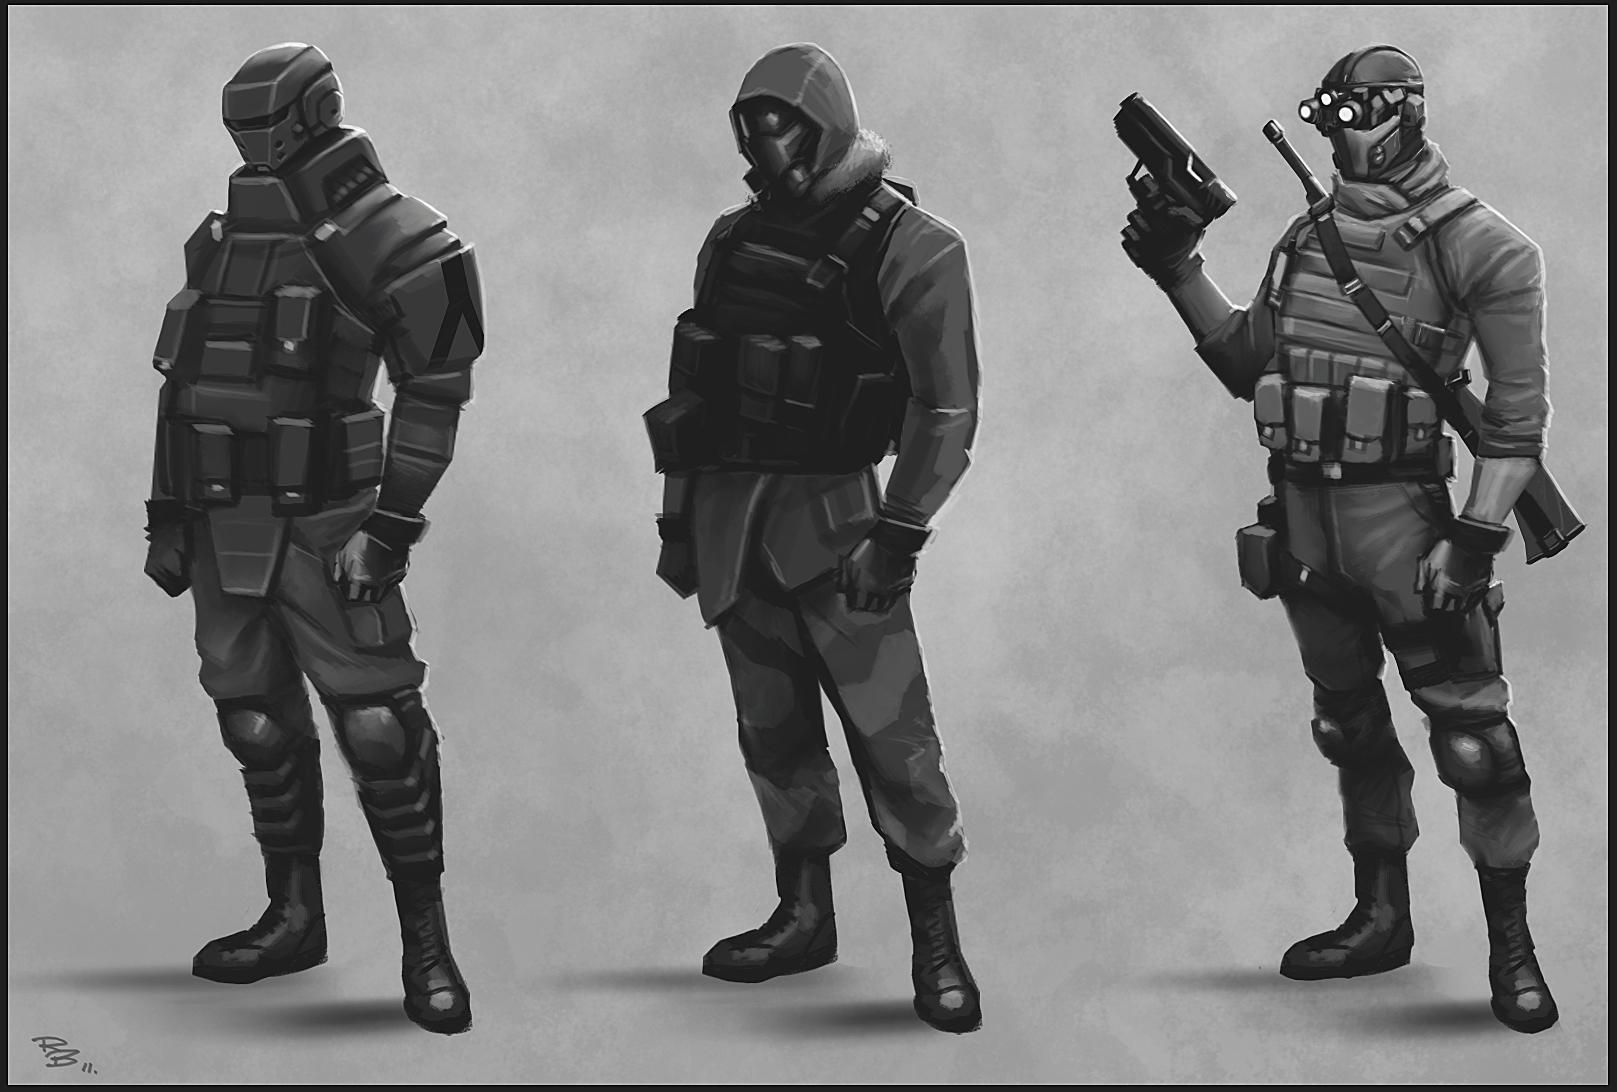 Drawn soldier futuristic B>Futuristic</b> <b>Soldier</b> <b>Drawing</b> <b>Futuristic</b> <b>Soldier</b>